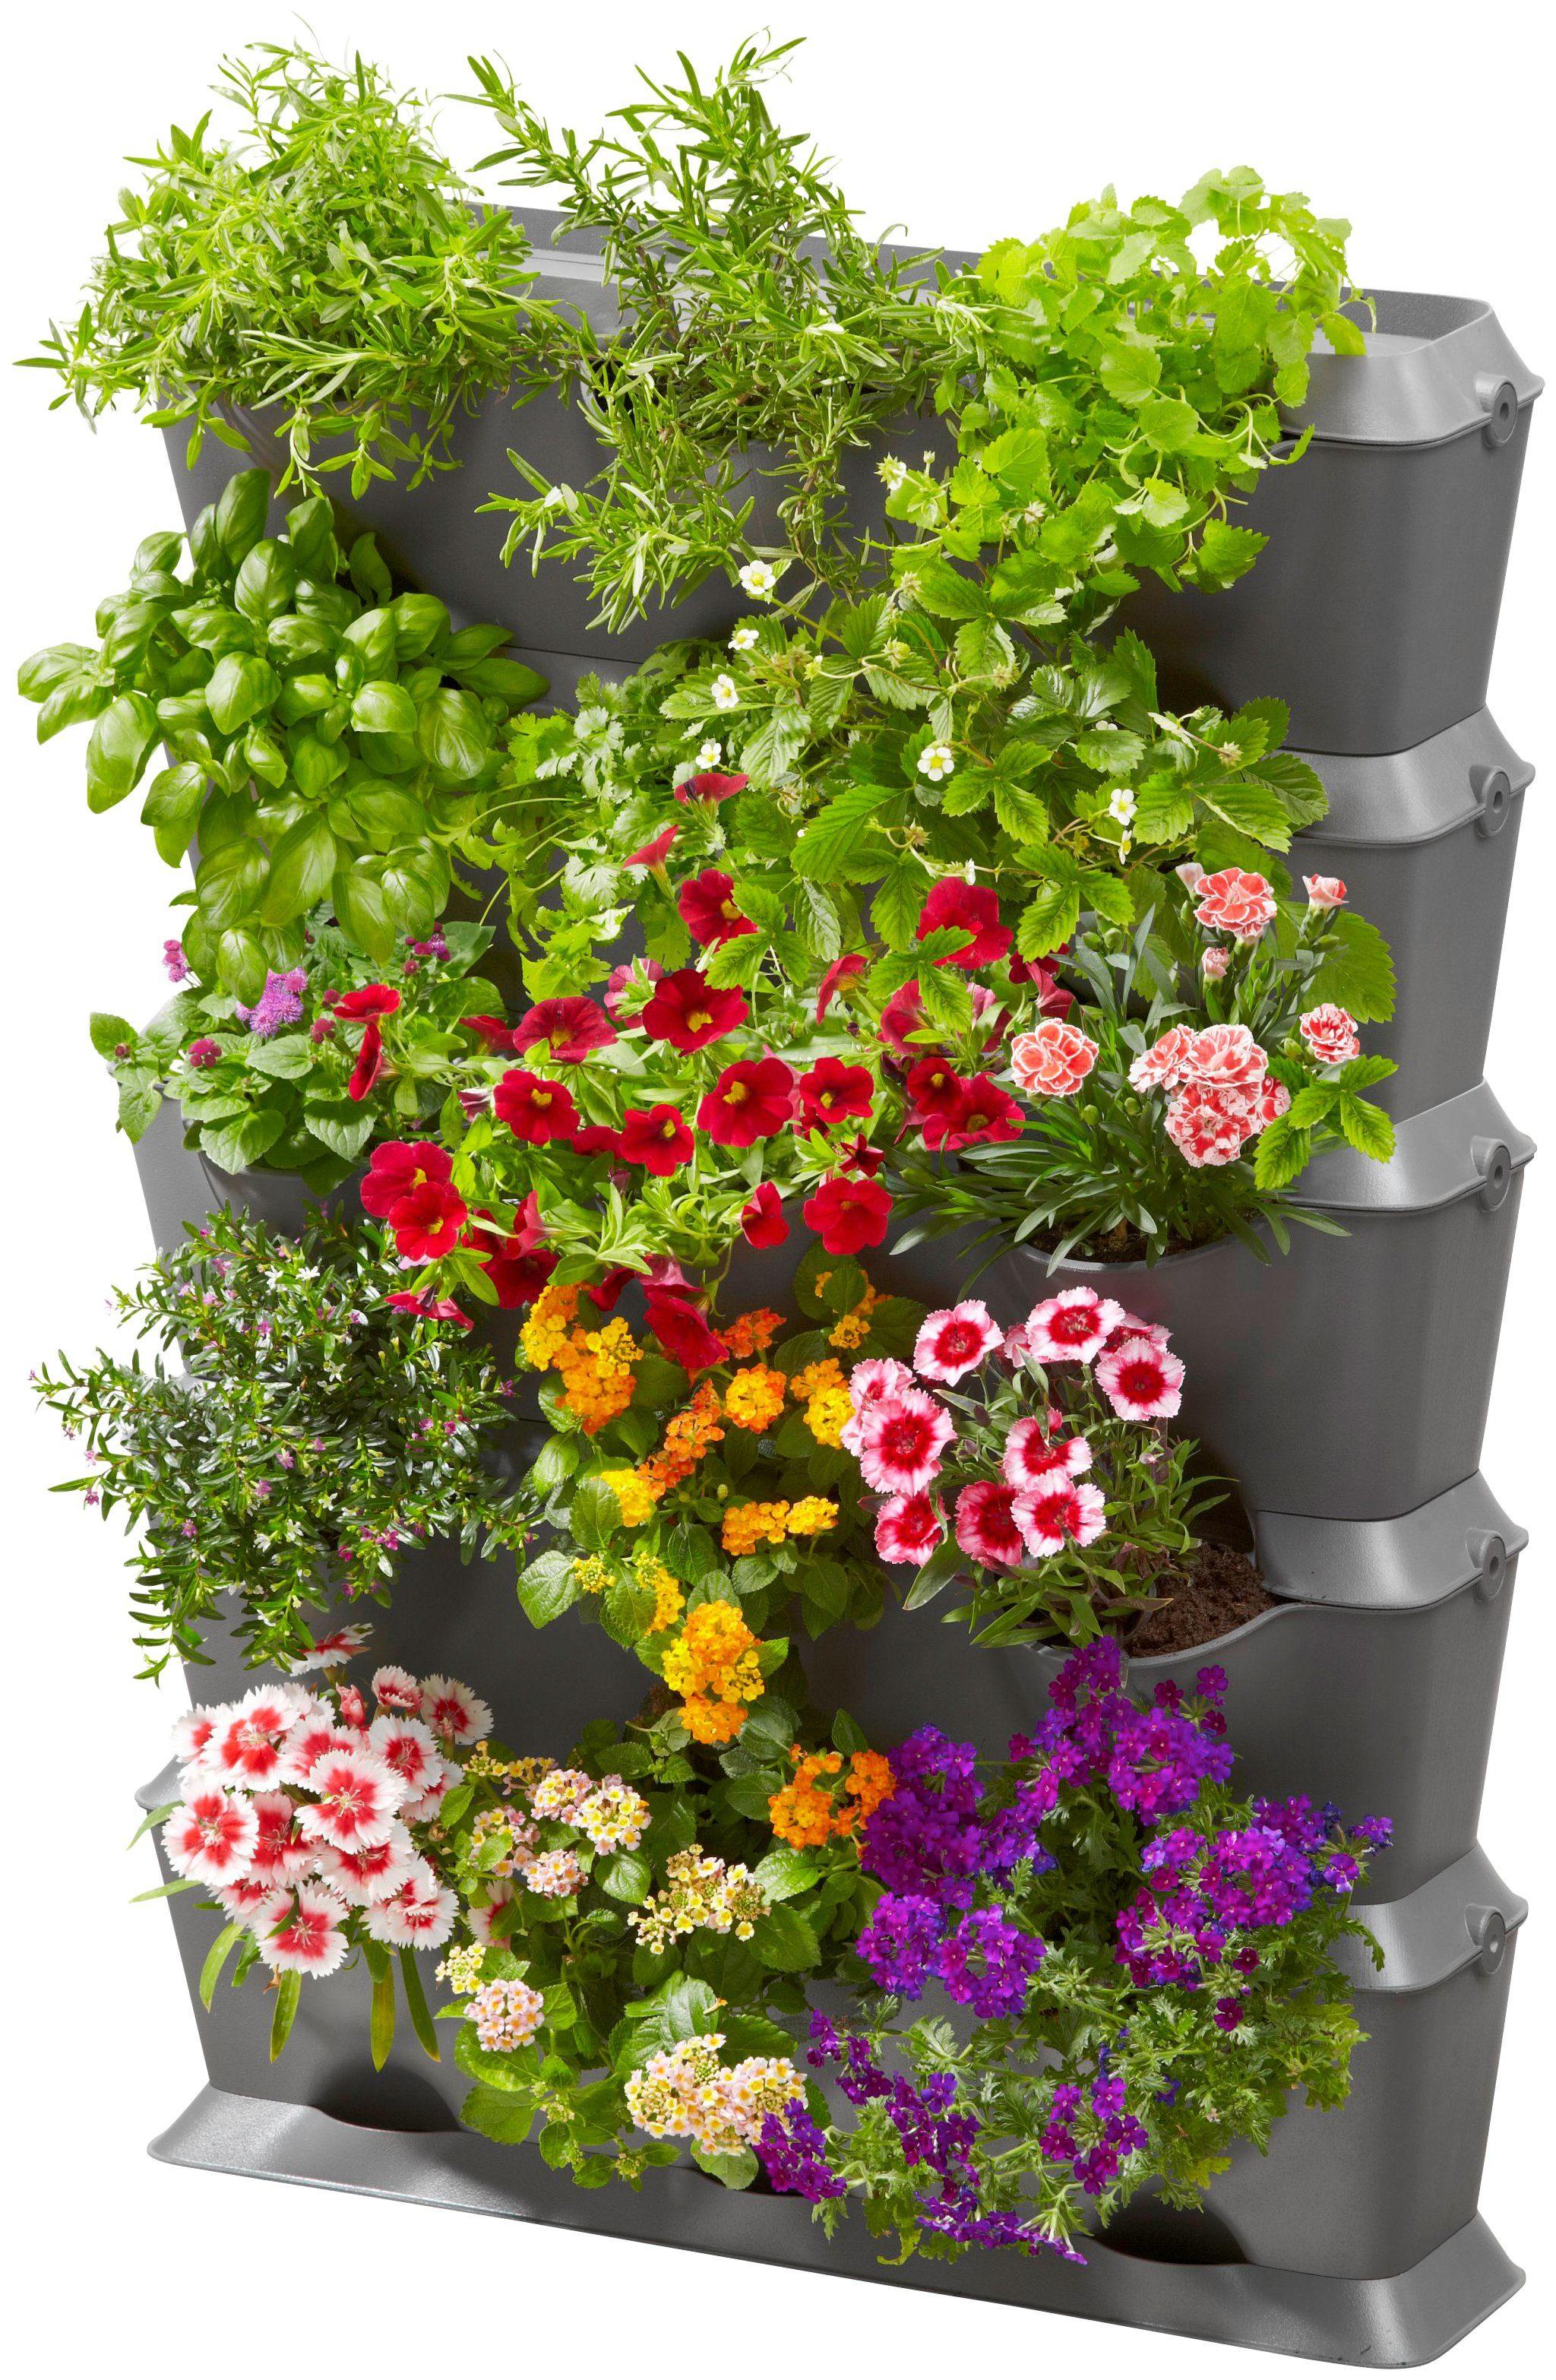 GARDENA Pflanzkasten »NatureUp!«, Set-Vertikal mit Bewässerung